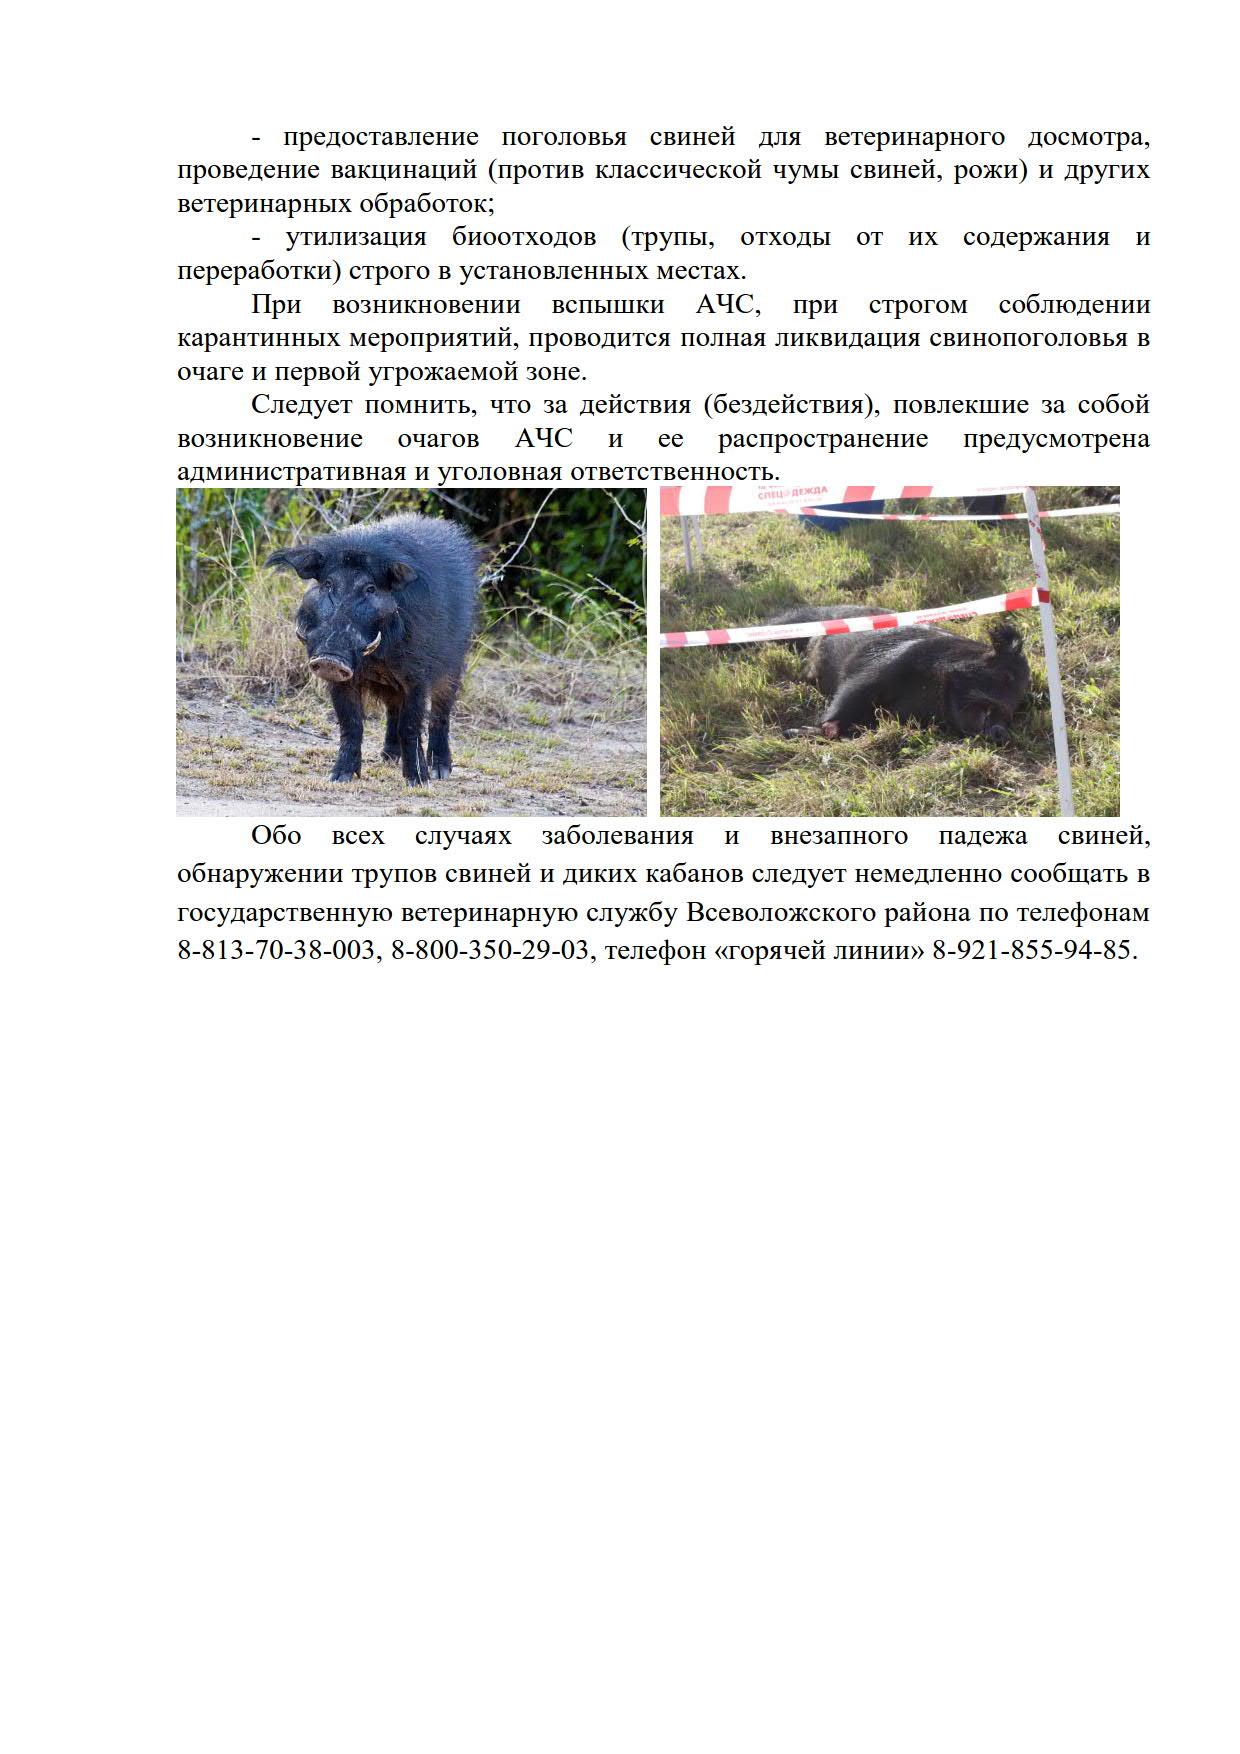 Угроза возникновения африканской чумы свиней во Всеволожском районе не исчезла.статья_4